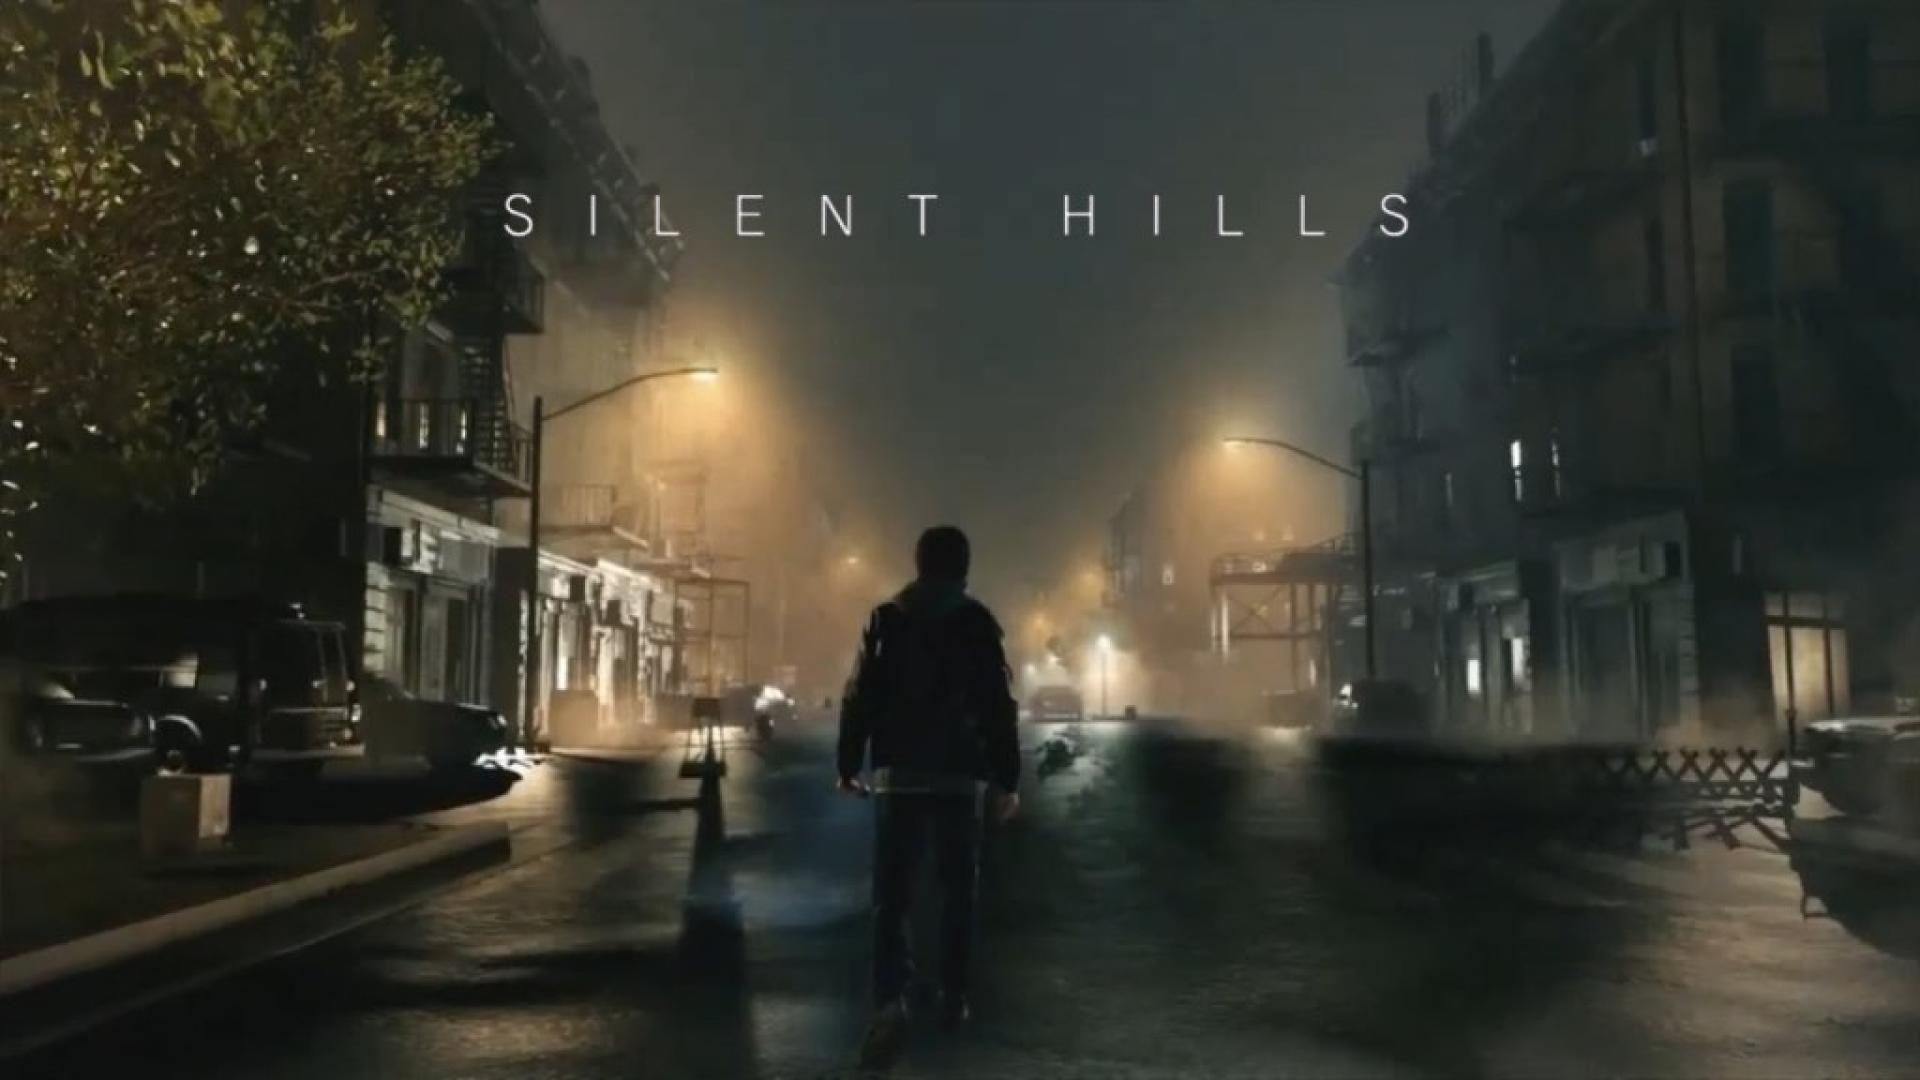 Jégre tették a Silent Hillst